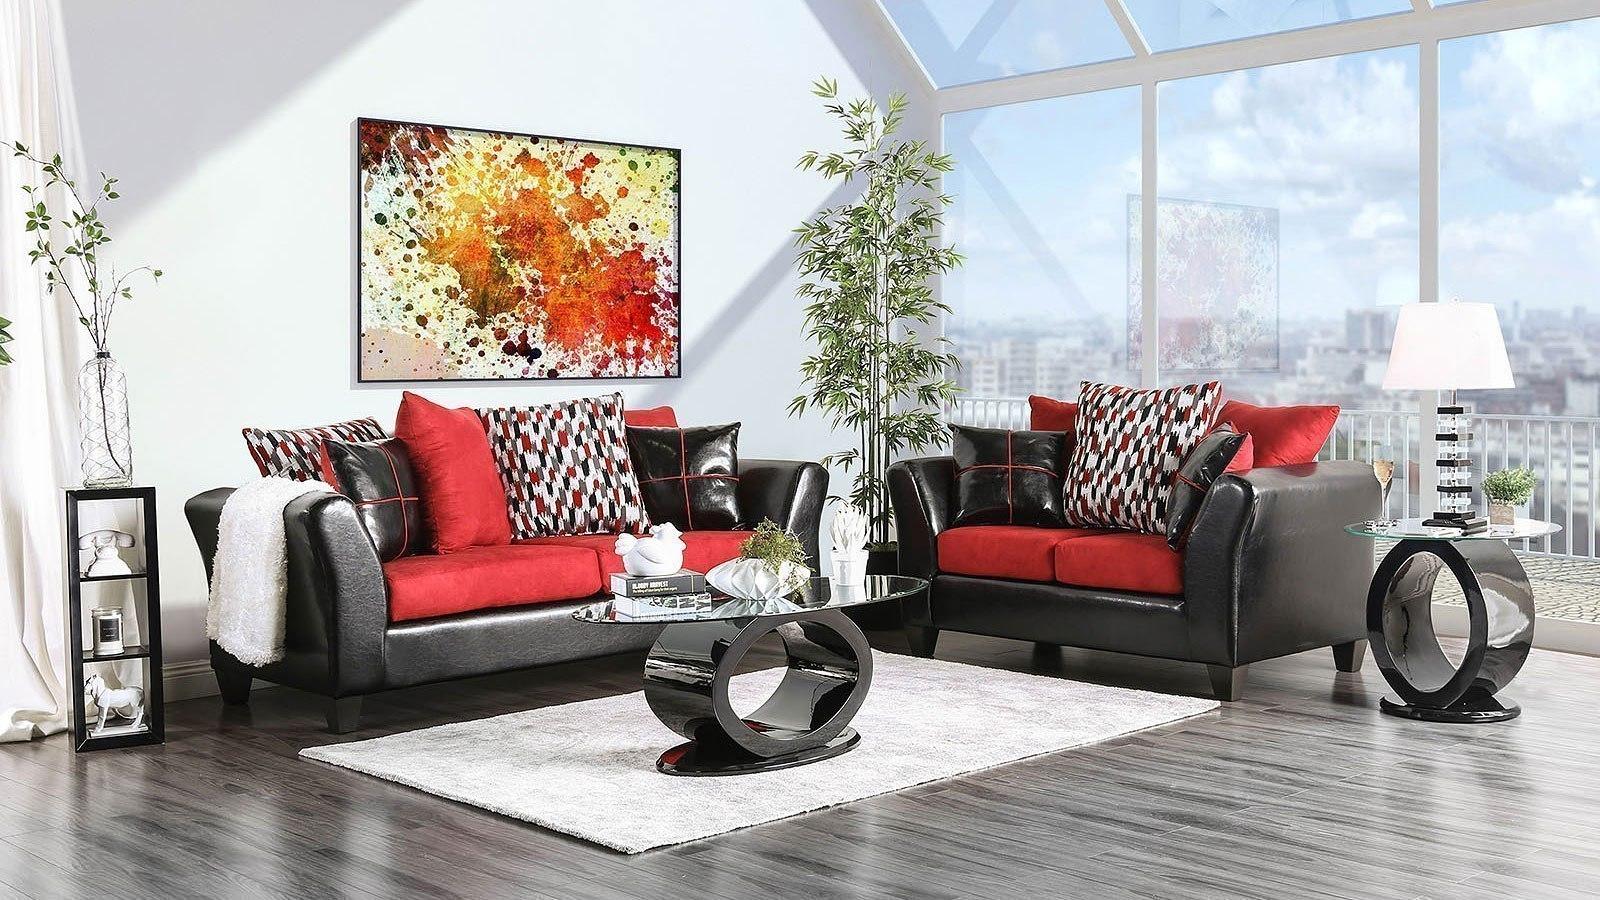 braelyn living room set black red furniture of america furniture cart. Black Bedroom Furniture Sets. Home Design Ideas